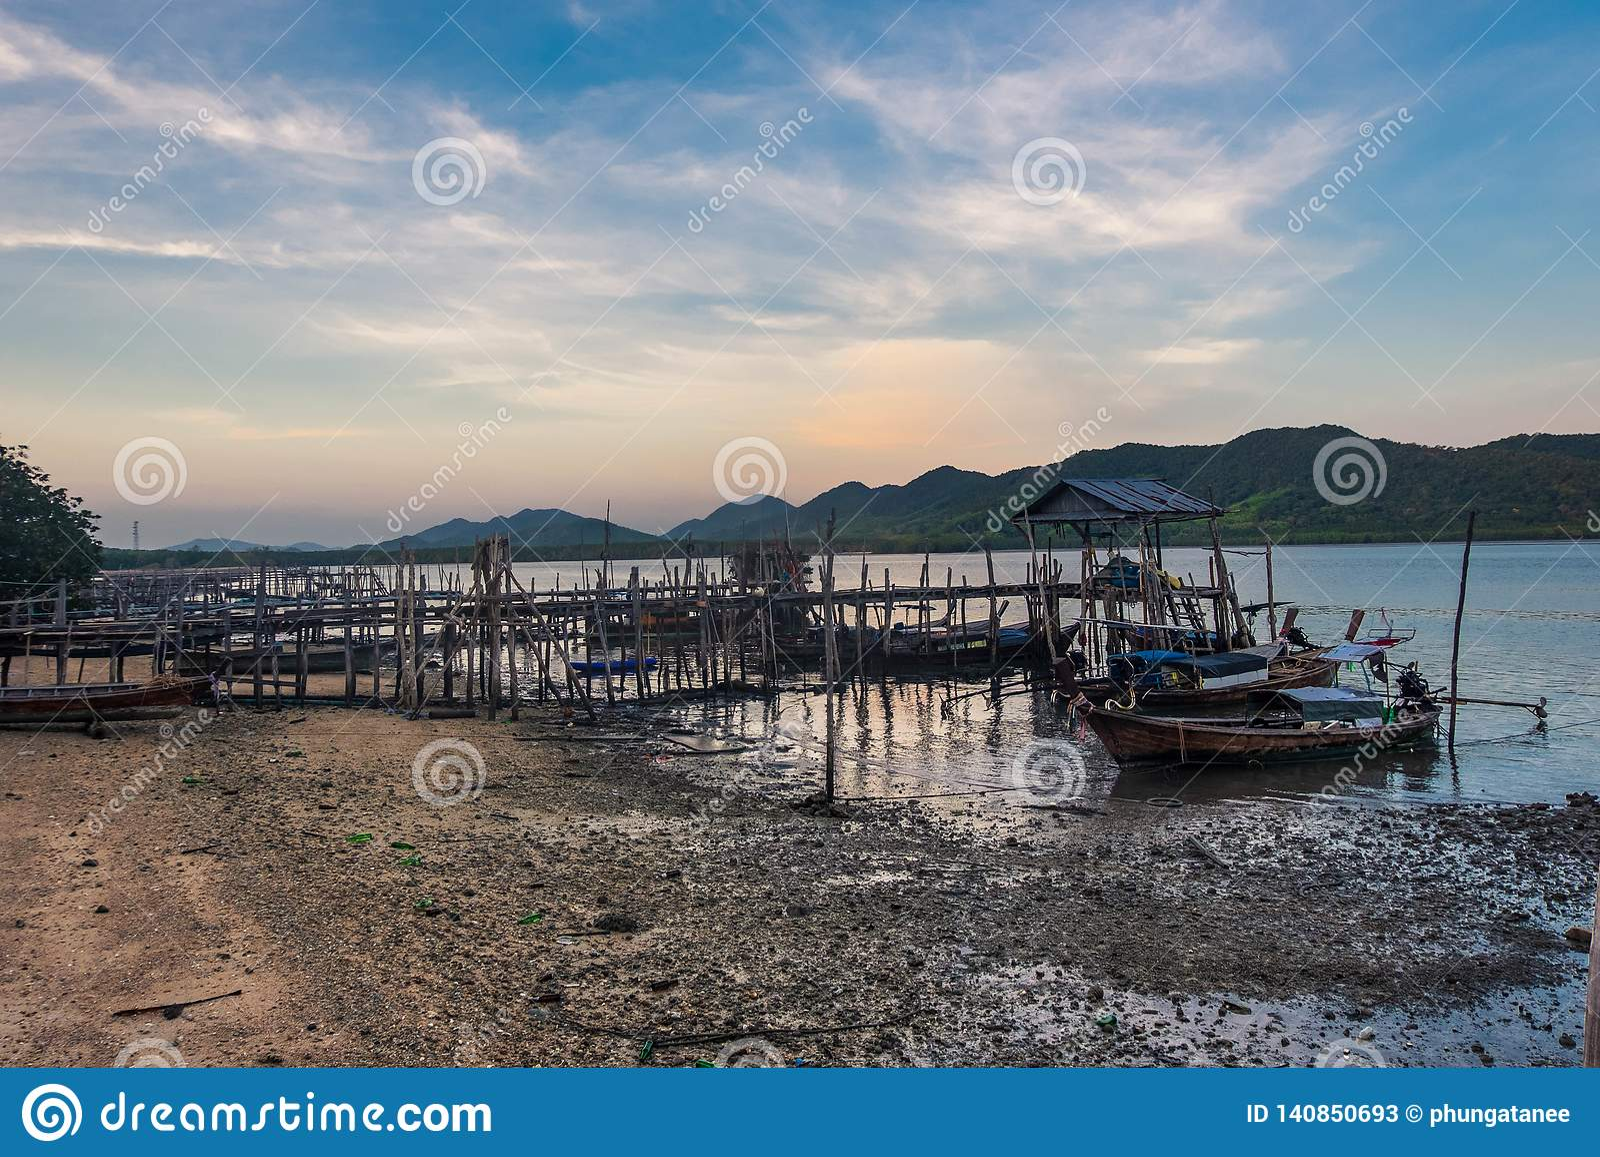 Fiskebåtar som parkeras på pir i en fiskareby med härliga berg och himmel bakom, hav södra Thailand, Phang Nga, Koh